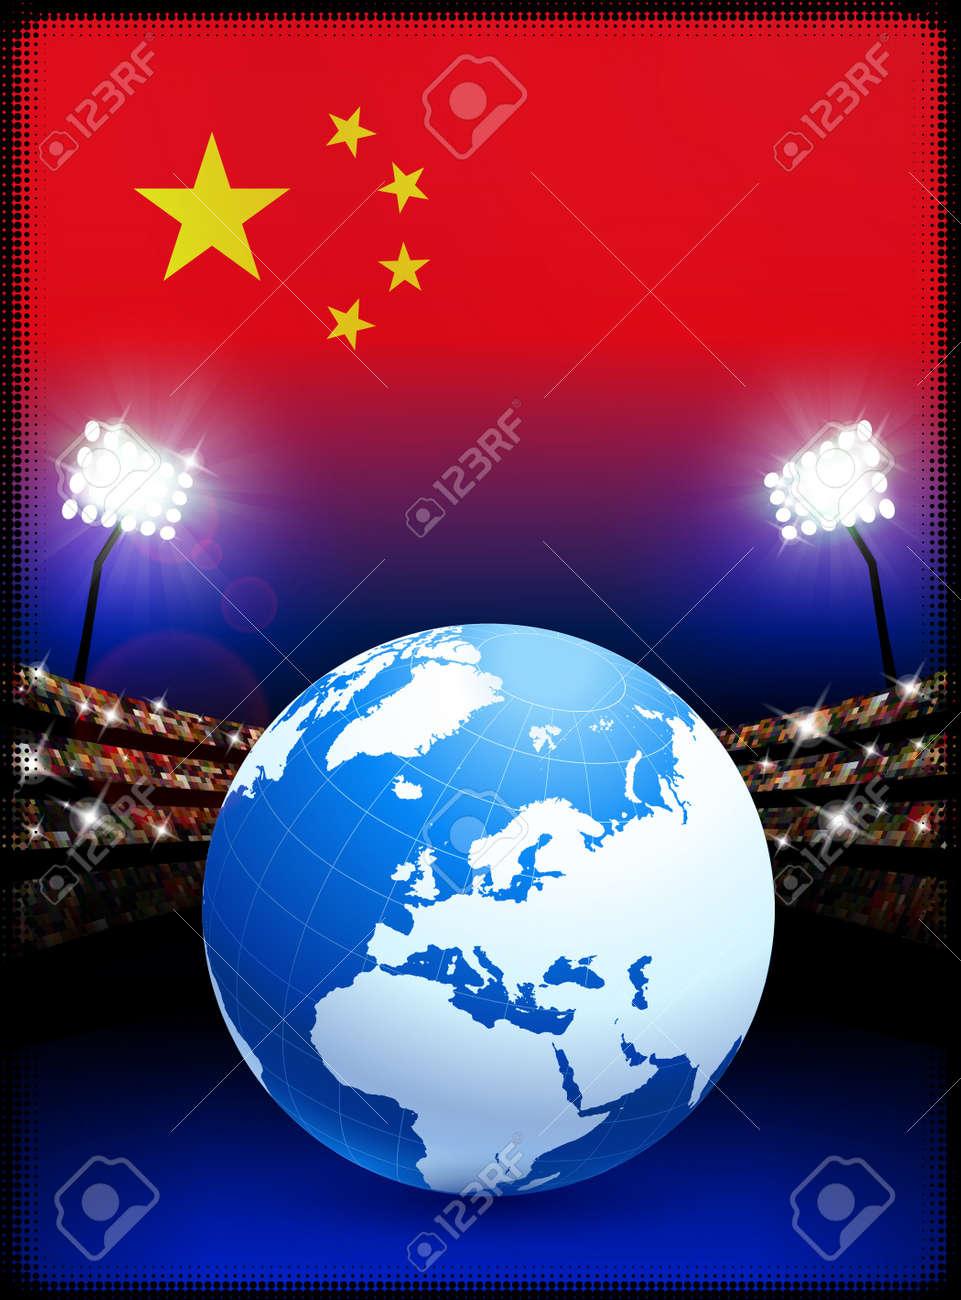 China Flag with Globe on Stadium BackgroundOriginal Illustration Stock Illustration - 7264173